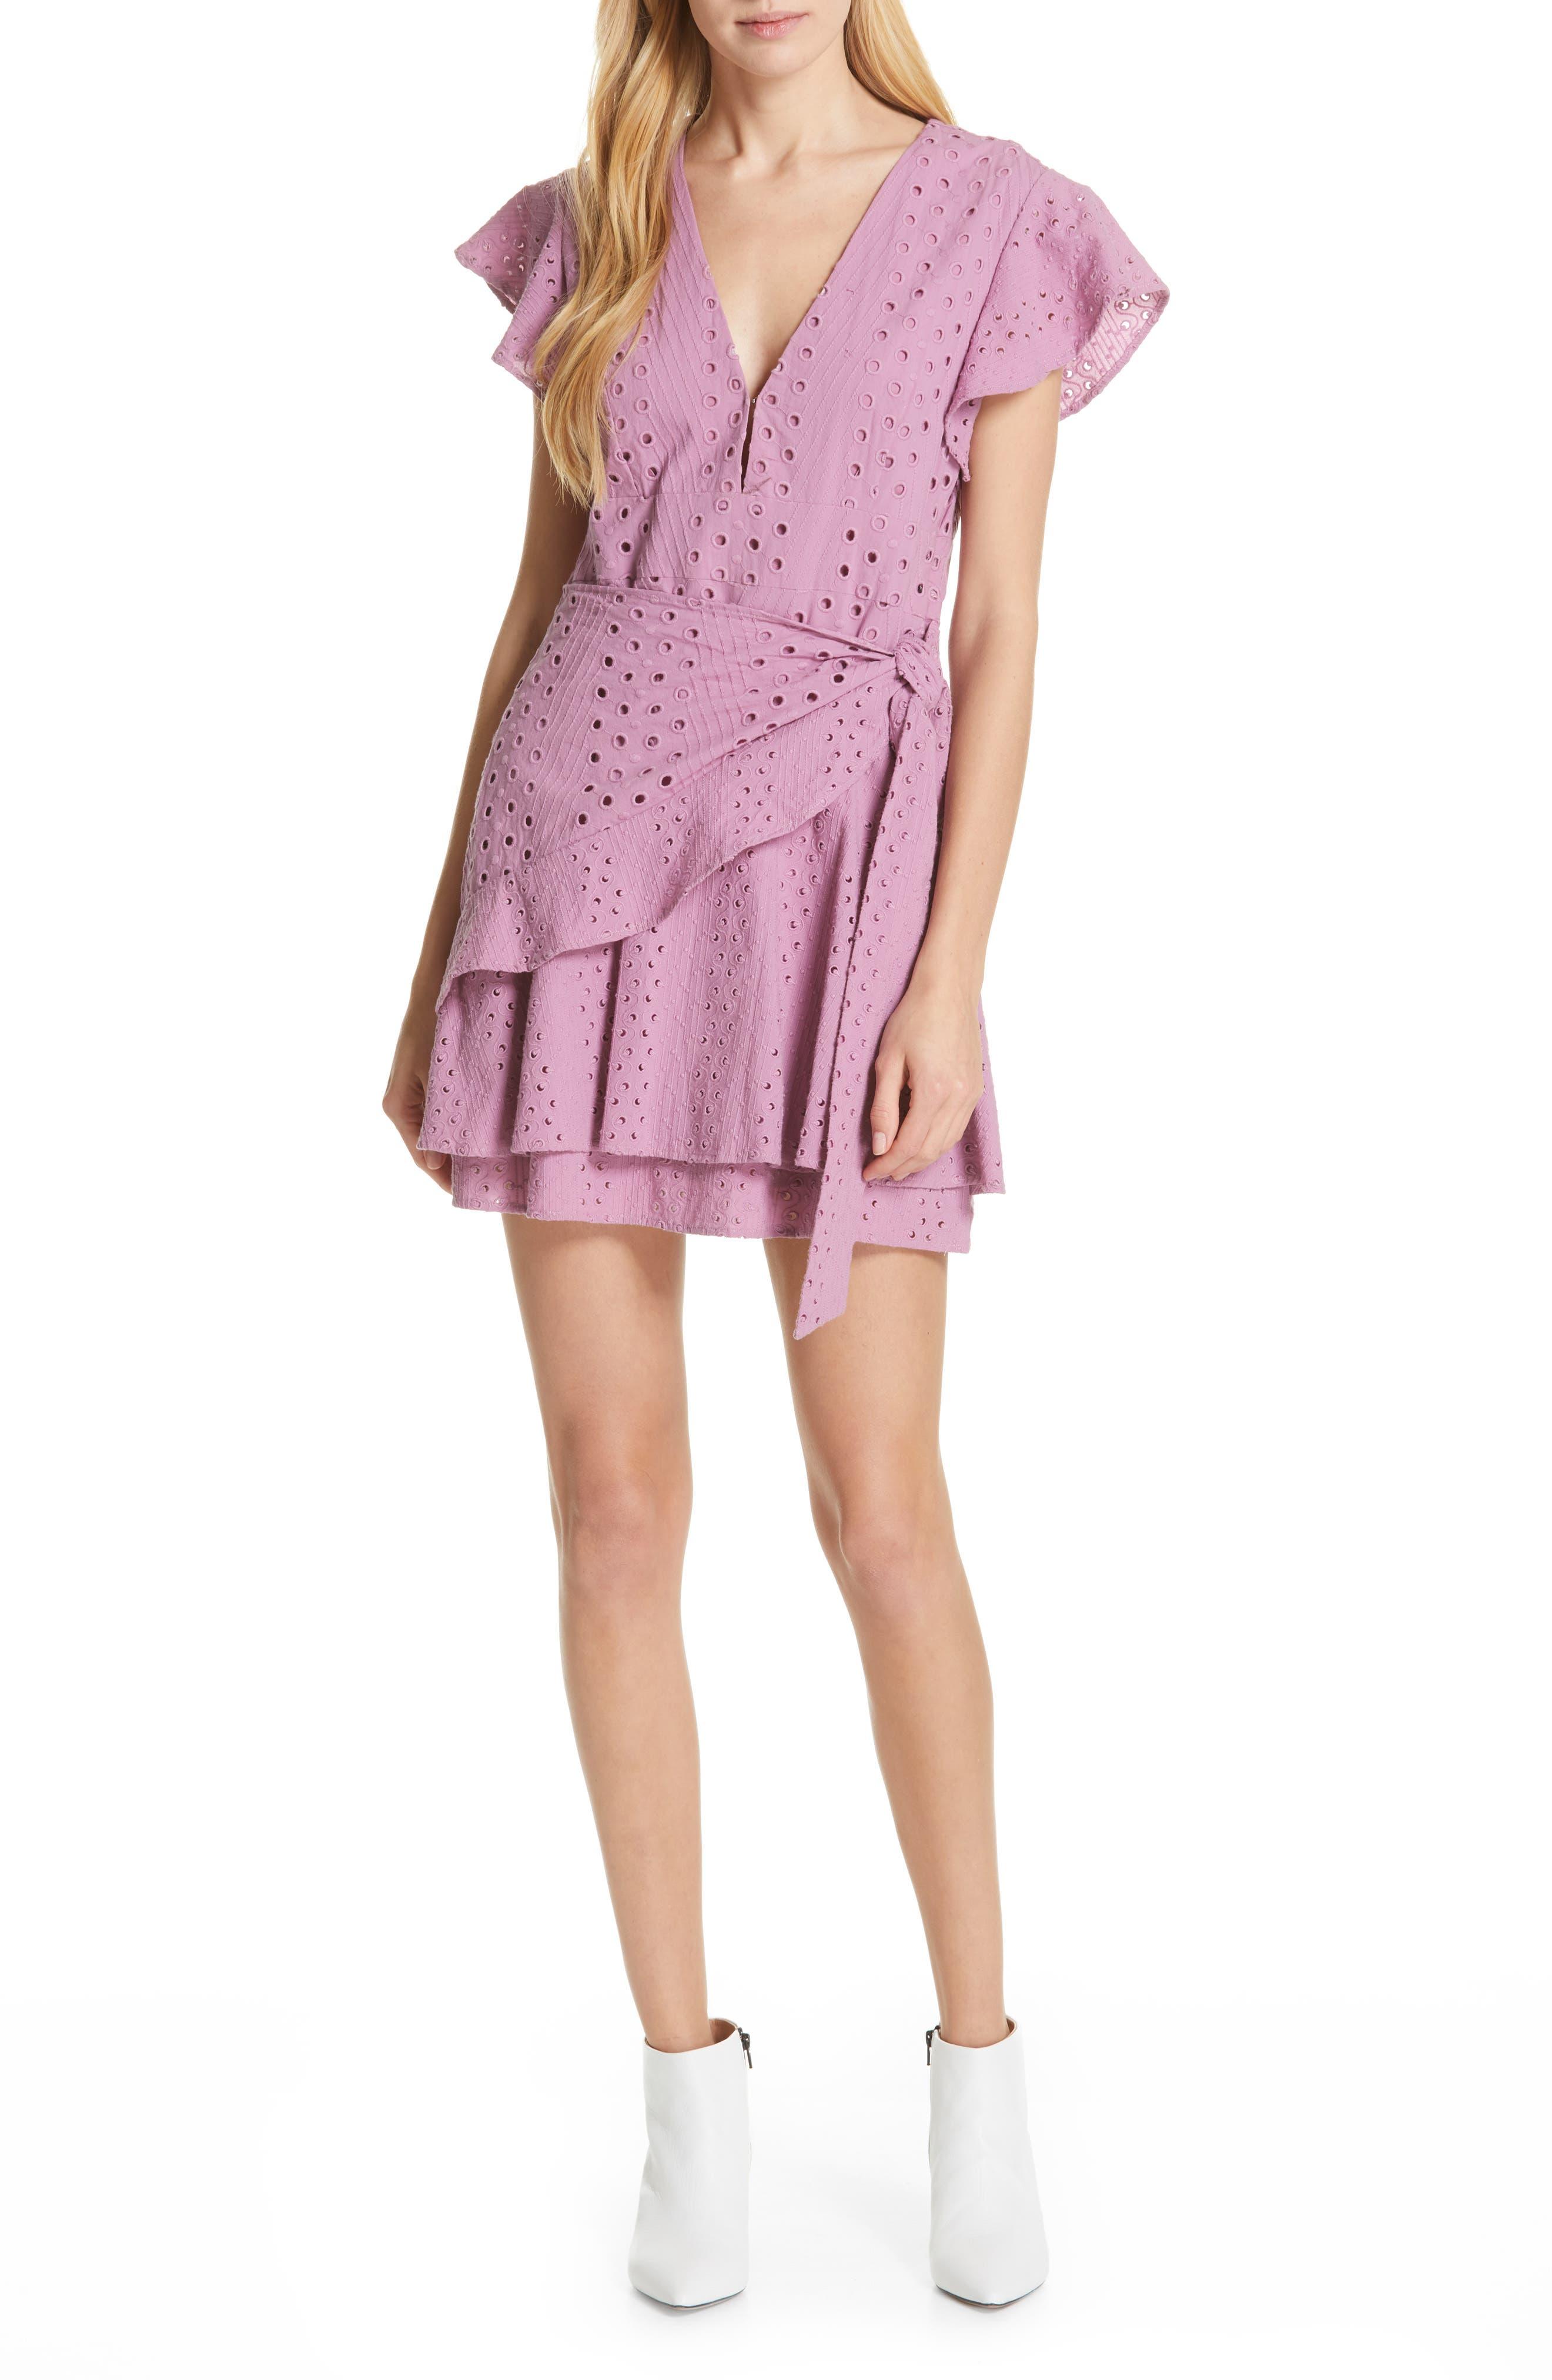 Dolan Patsy Eyelet Minidress, Pink